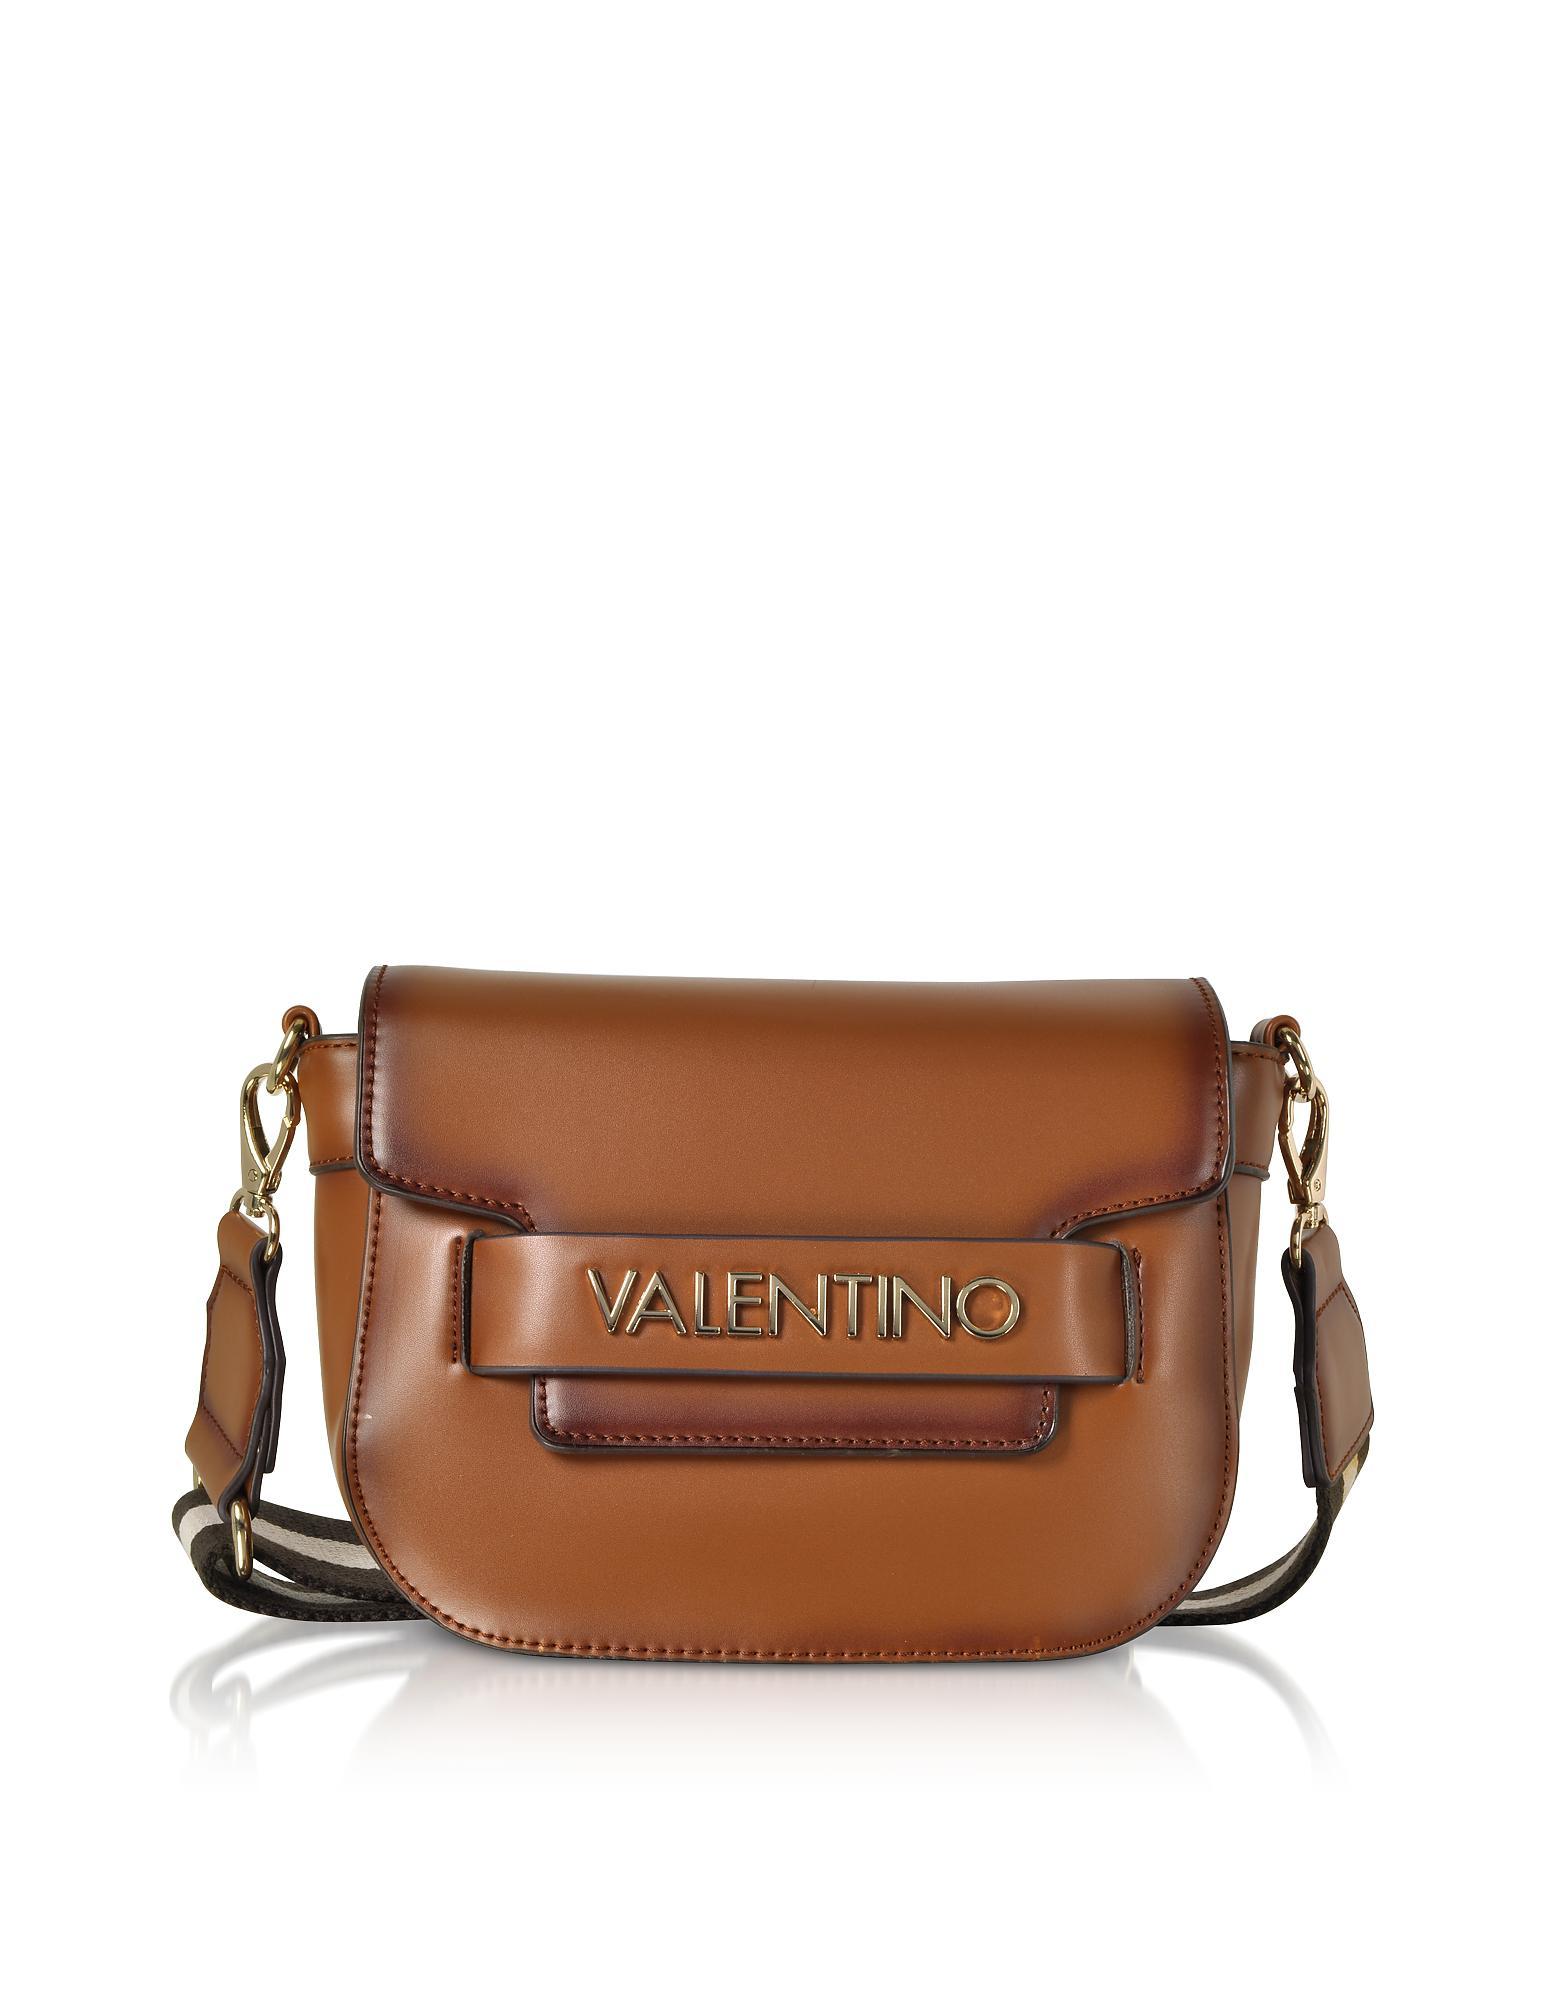 Lyst - Valentino By Mario Valentino Eco Leather Blast Small Shoulder ... 3302e436aed96